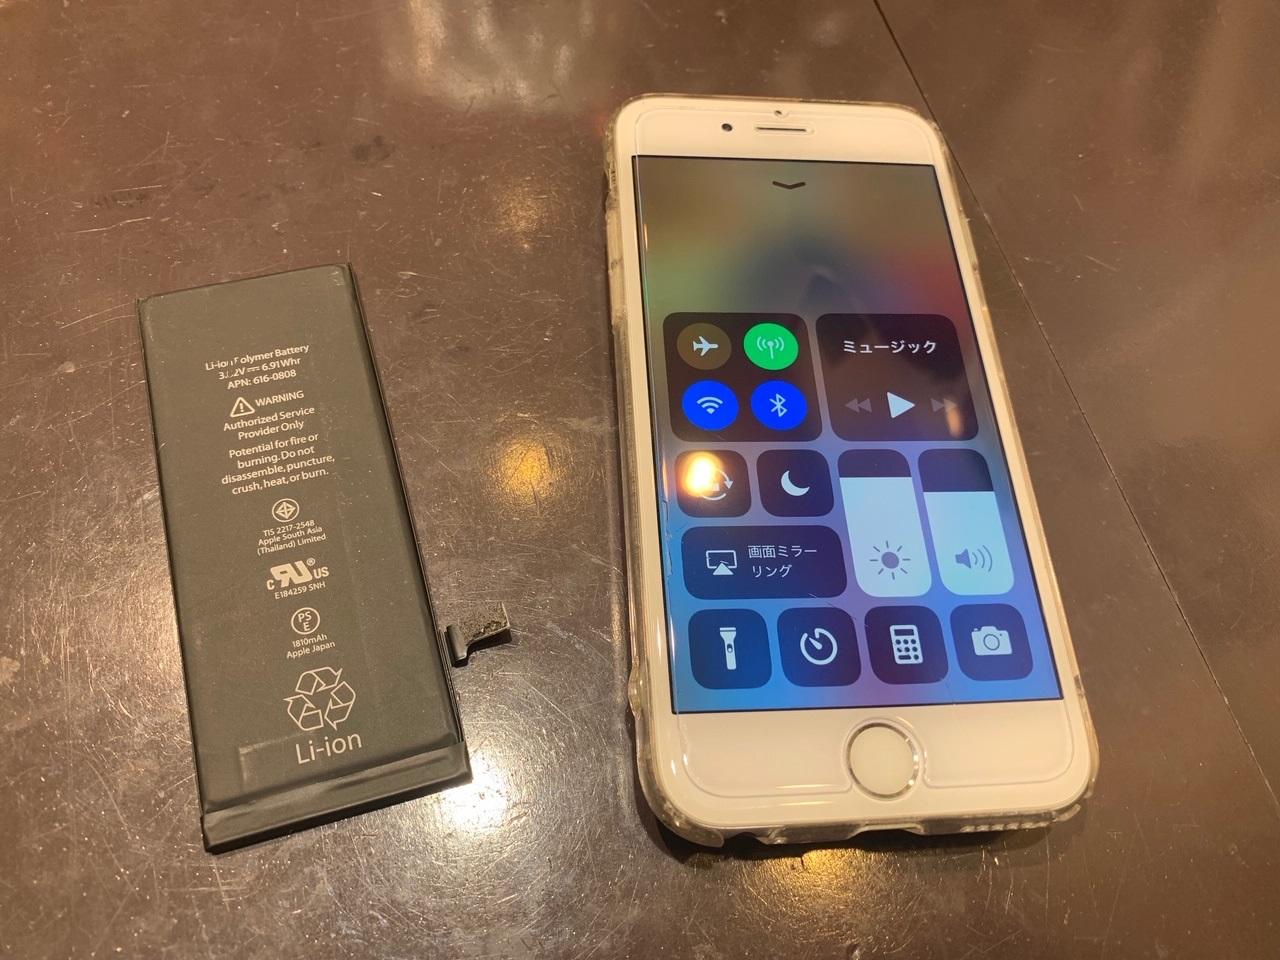 【IPHONE6】3年ちょっと使用し続けて劣化した電池を交換!年末年始も休まず営業致します!尼崎のショッピングセンター内のアイフォン・アイパッド・スマホ修理店スマートクール♪無料送迎バス有[伊丹市よりお越しのお客様]